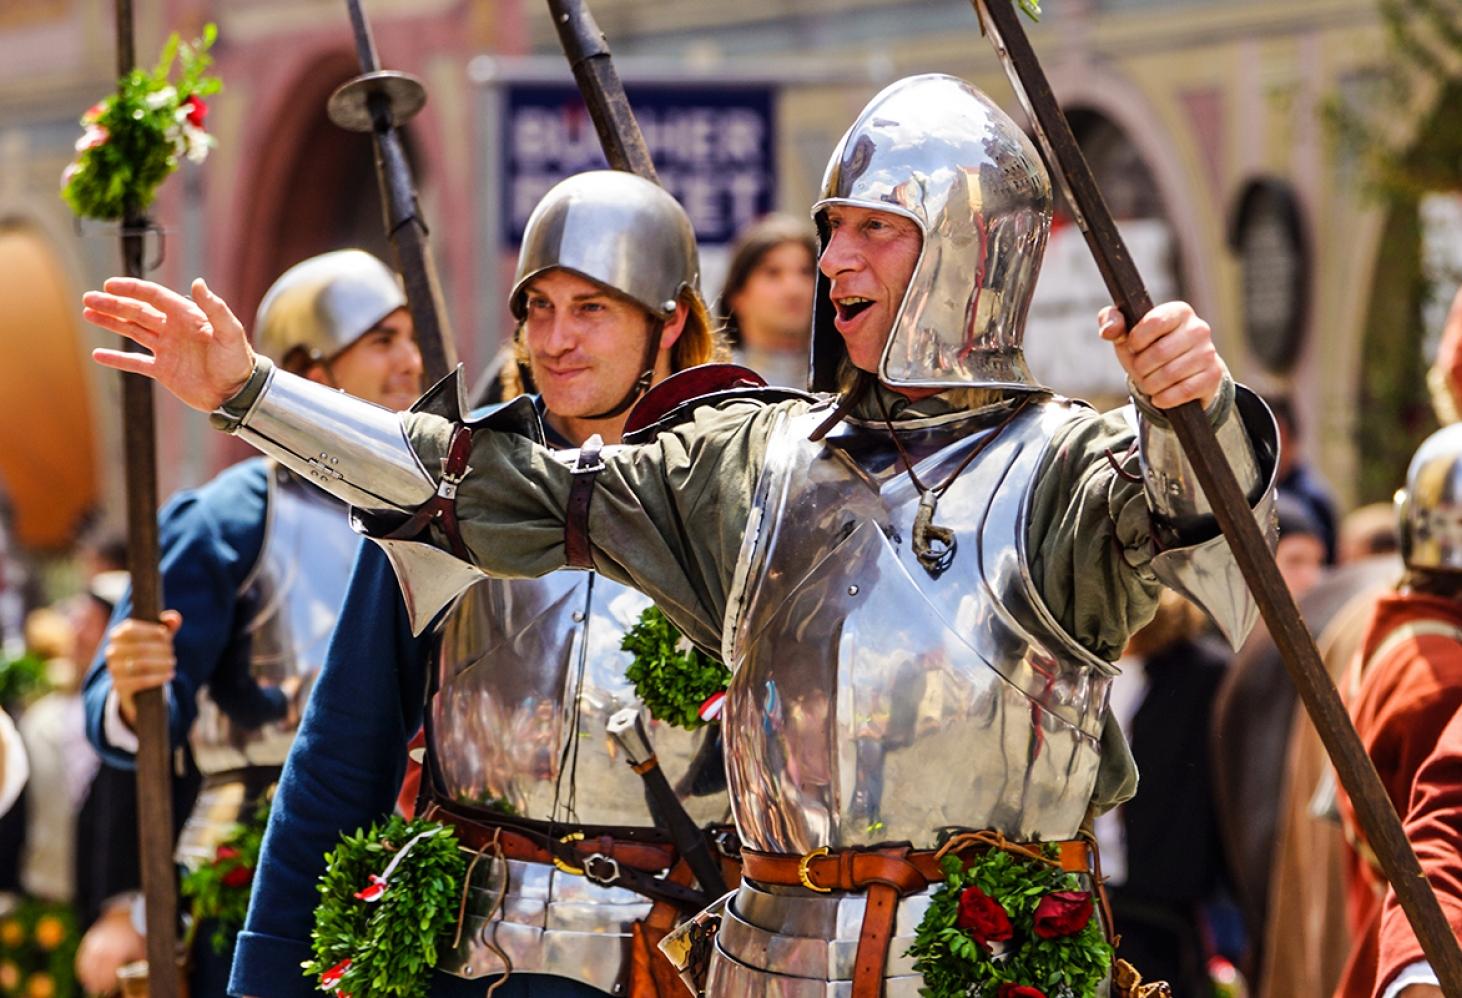 Фестиваль «Средневековое путешествие», Санта-Мария-да-Фейра, Португалия 26.07.2017-06.08.2017